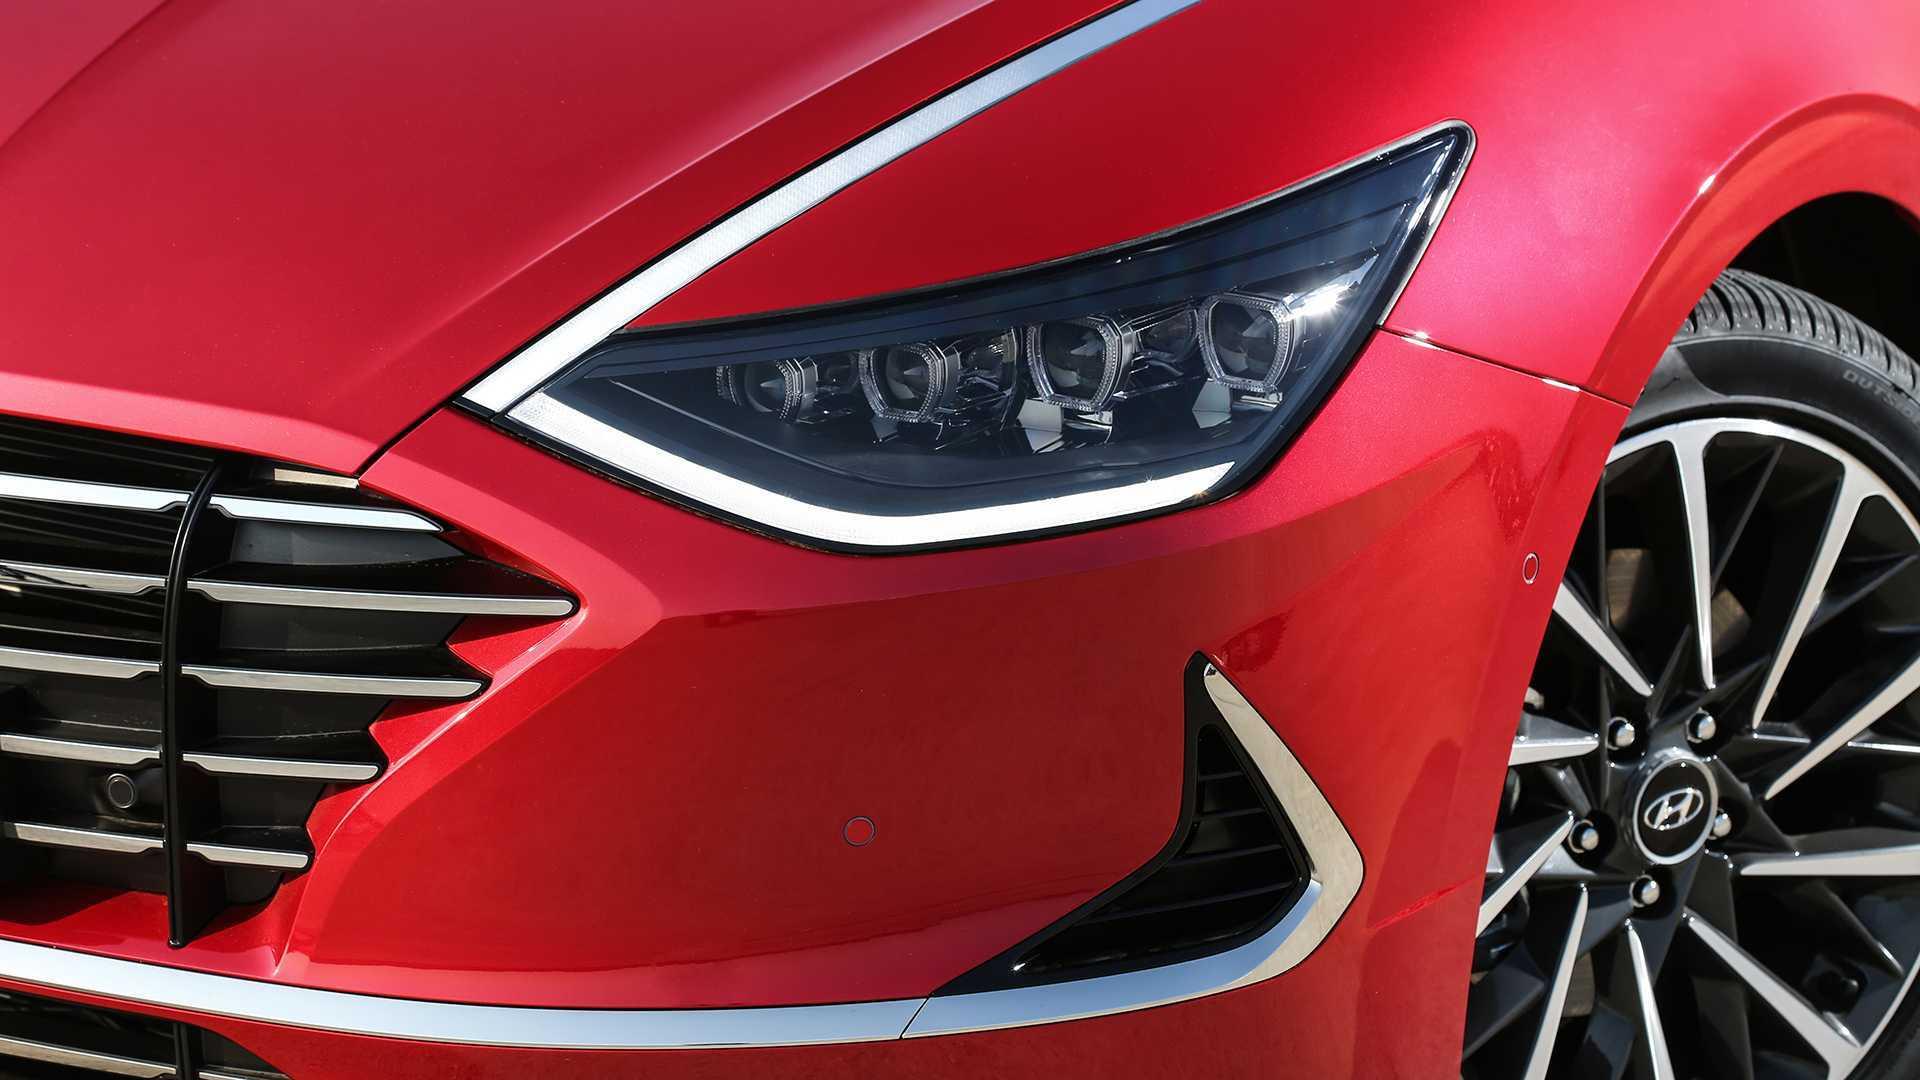 Cụm đèn pha là điểm mới trên Sonata 2020